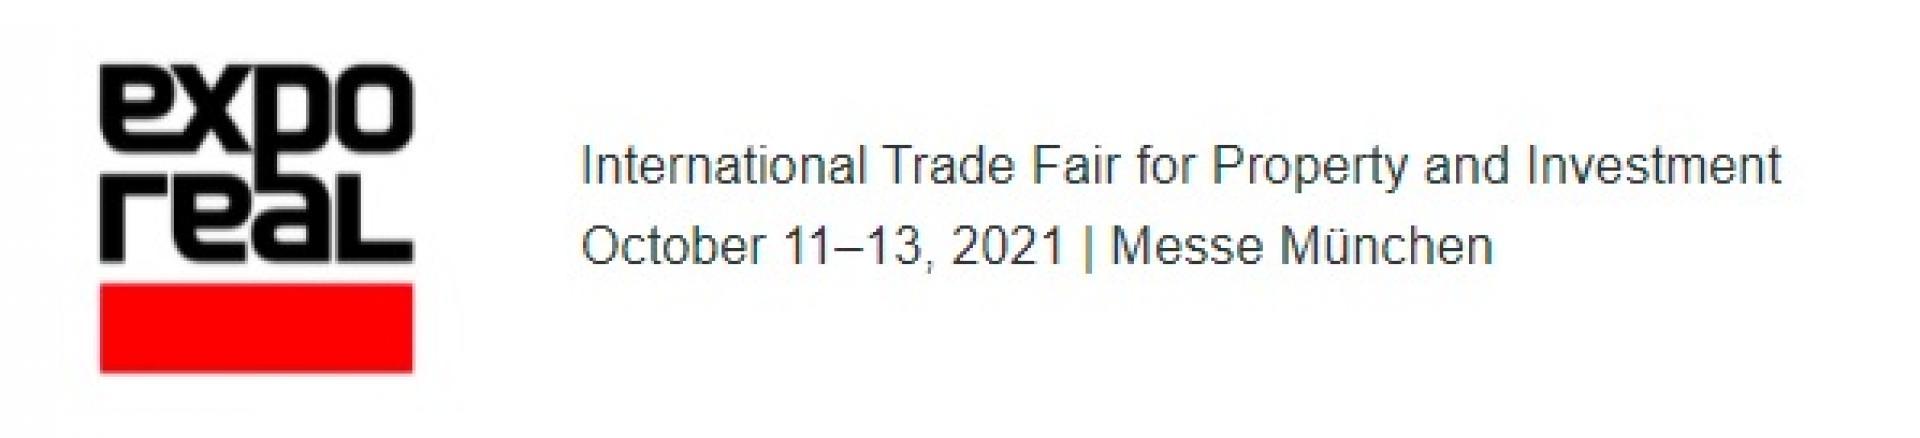 Nabór na targi inwestycyjne EXPO REAL 2021 w Monachium (Niemcy), 11-13 października 2021 r. - zobacz więcej